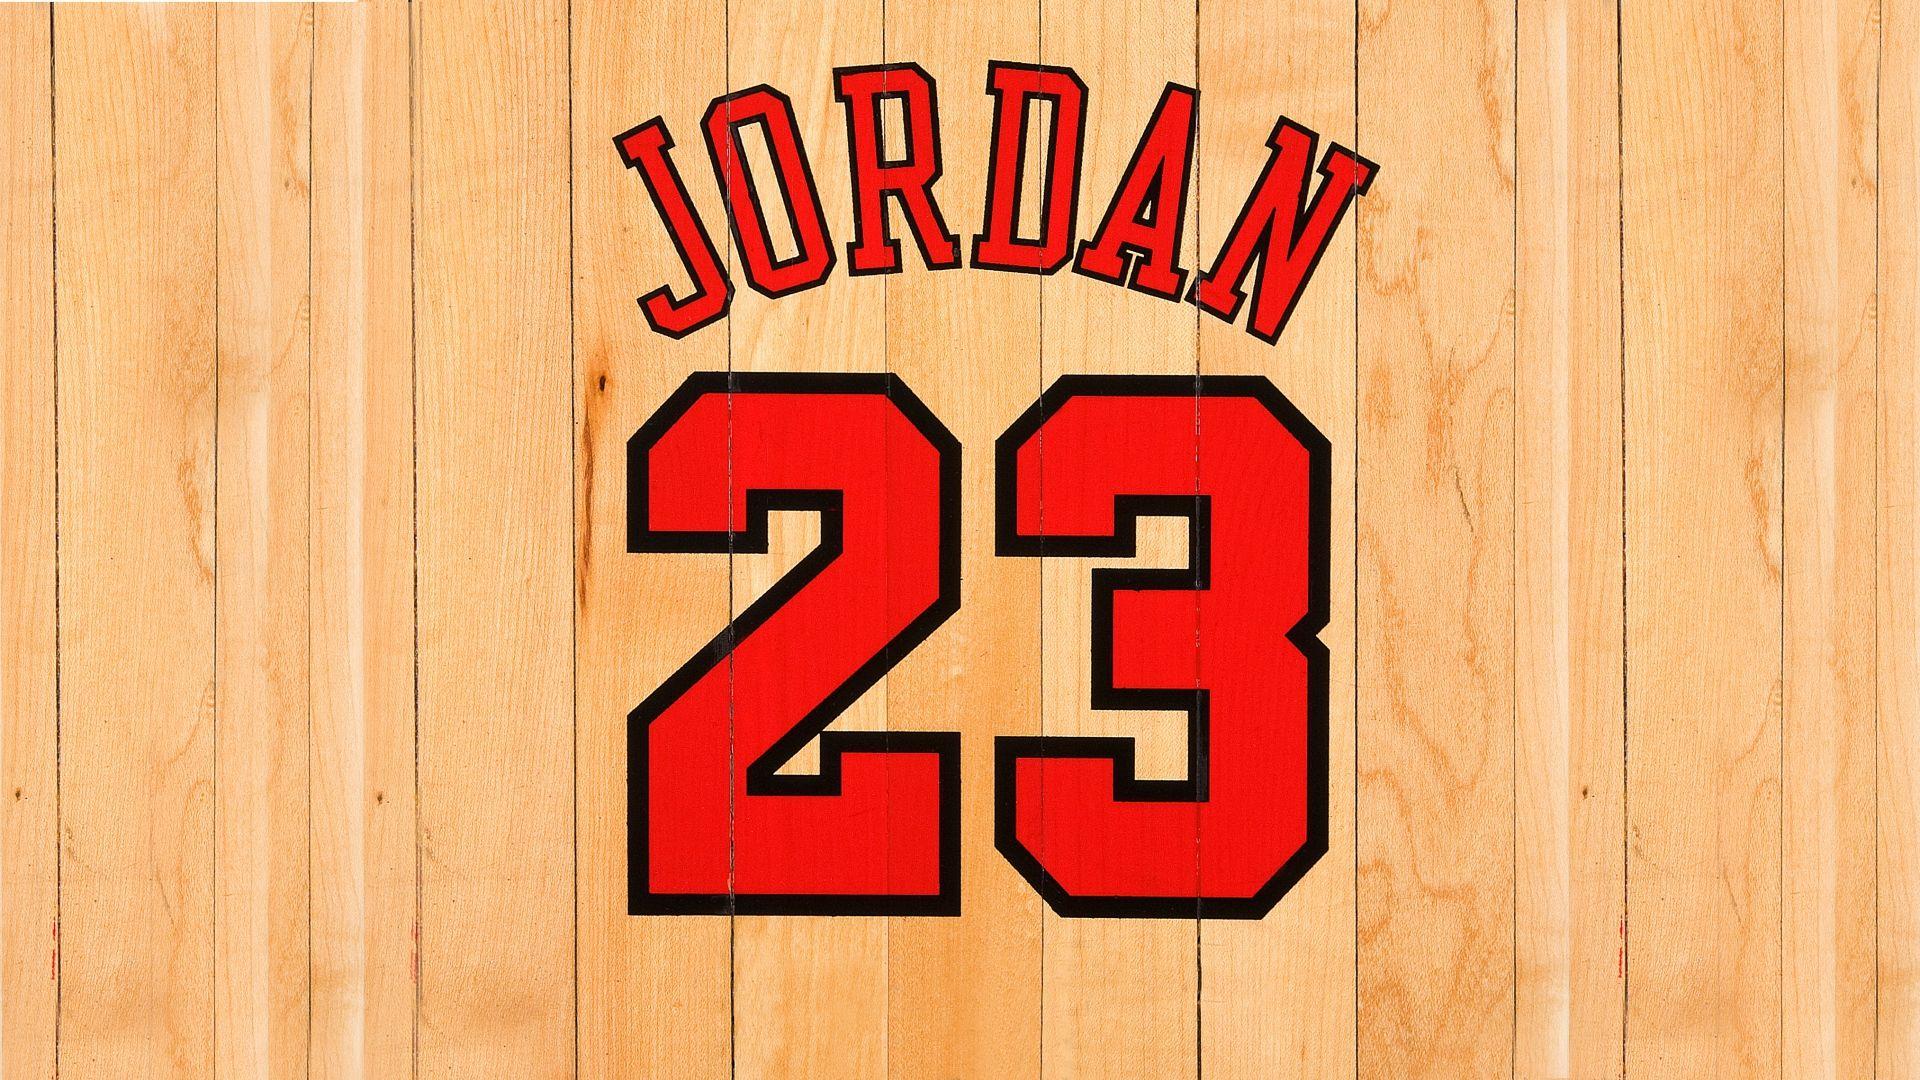 Michael jordan iphone wallpaper tumblr - Jordan Wallpapers Hd Free Download Hd Wallpapers Pinterest Wallpaper Hd Wallpaper And Image Collection